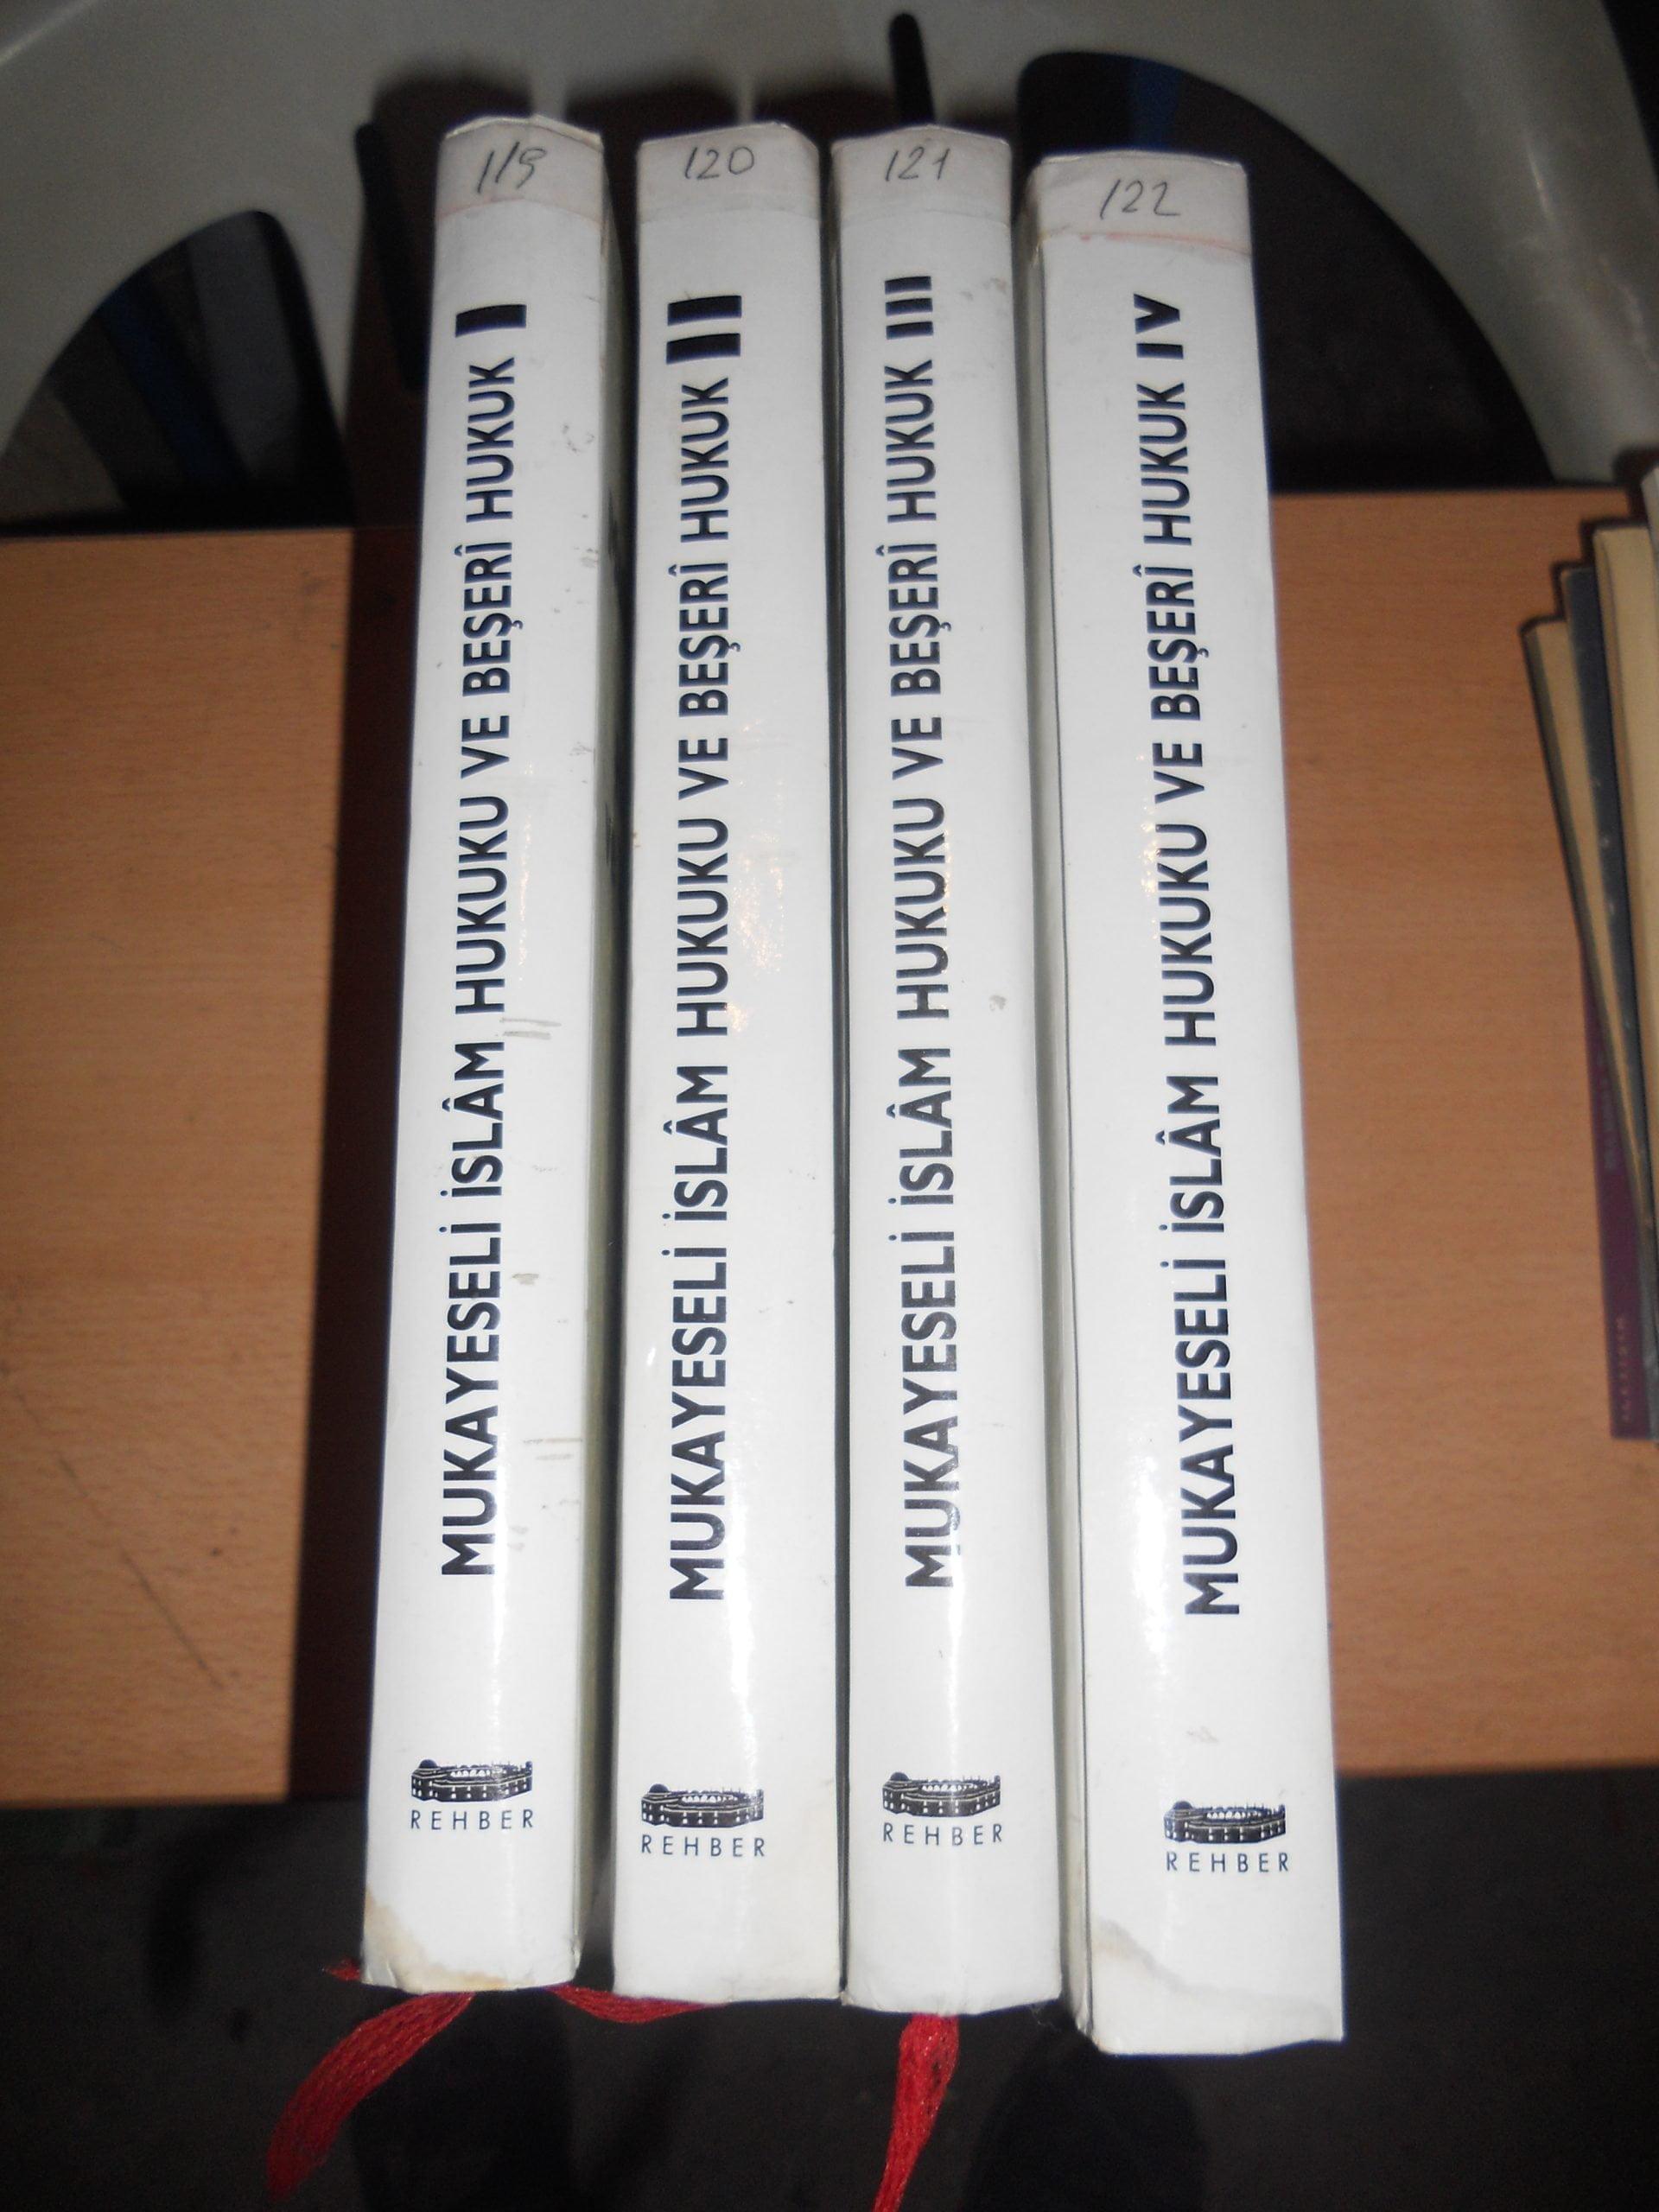 MUKAYESELİ İSLAM HUKUKU VE BEŞERİ HUKUK(1,2,3,4 CİLT)Abdülkadir UDEH/ toplam 40 TL(satıldı)